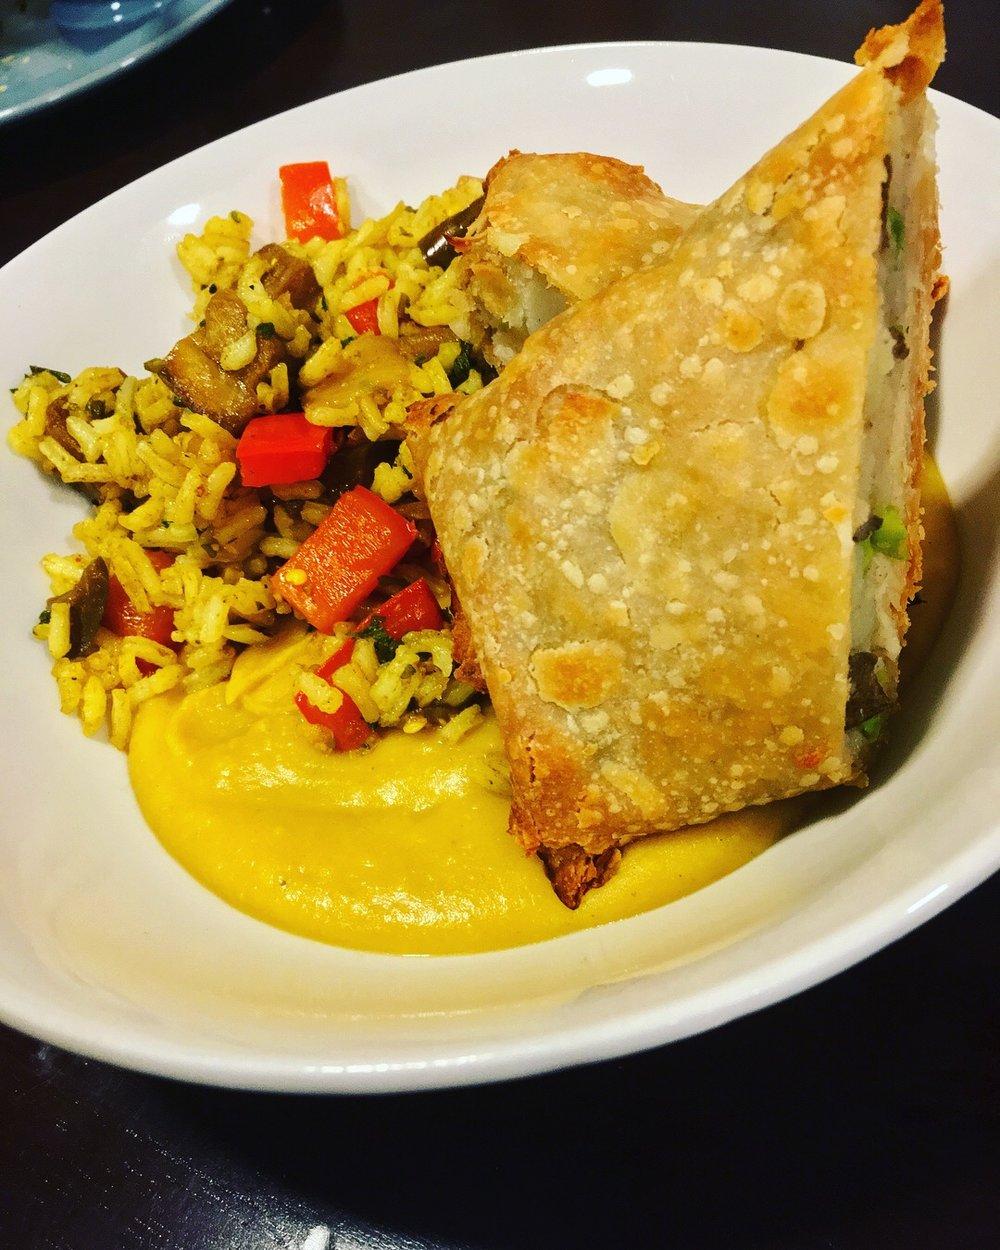 GF Samosas w/ Yello w Split Pea Curry and Date Masala Stir Fry